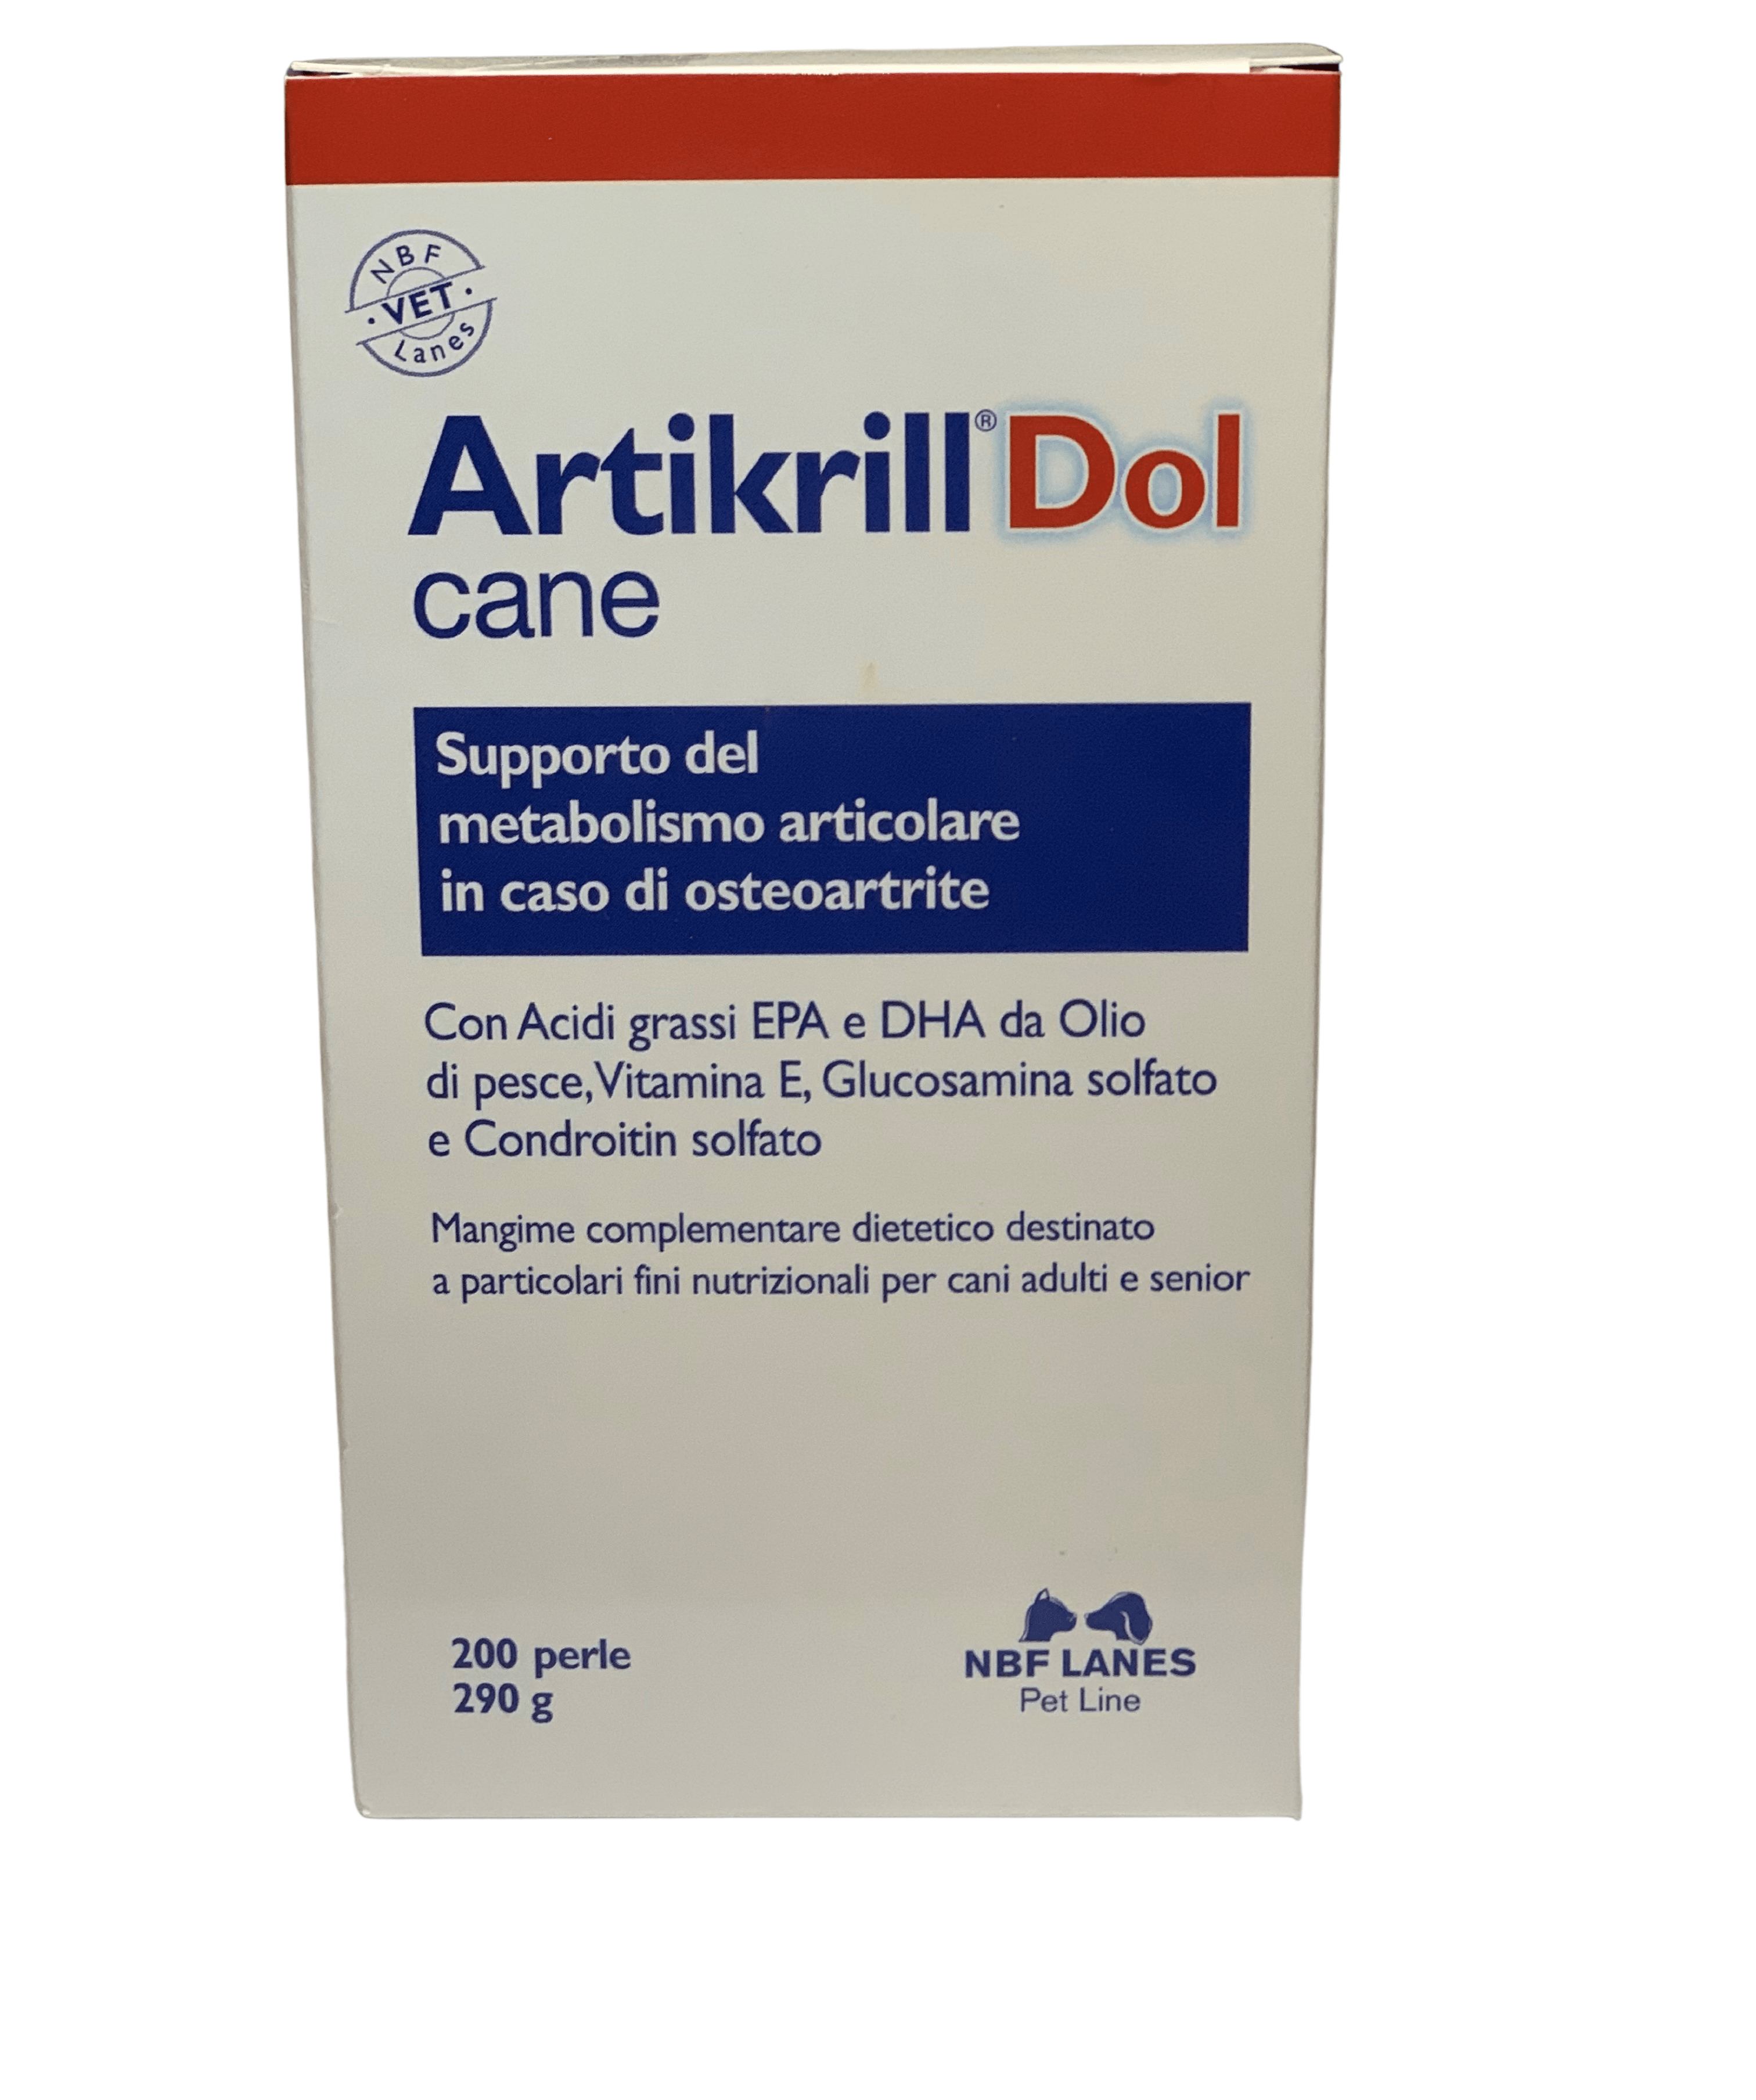 Artikrill DOL CANE 200 perle – Contro osteoartrite e infiammazioni